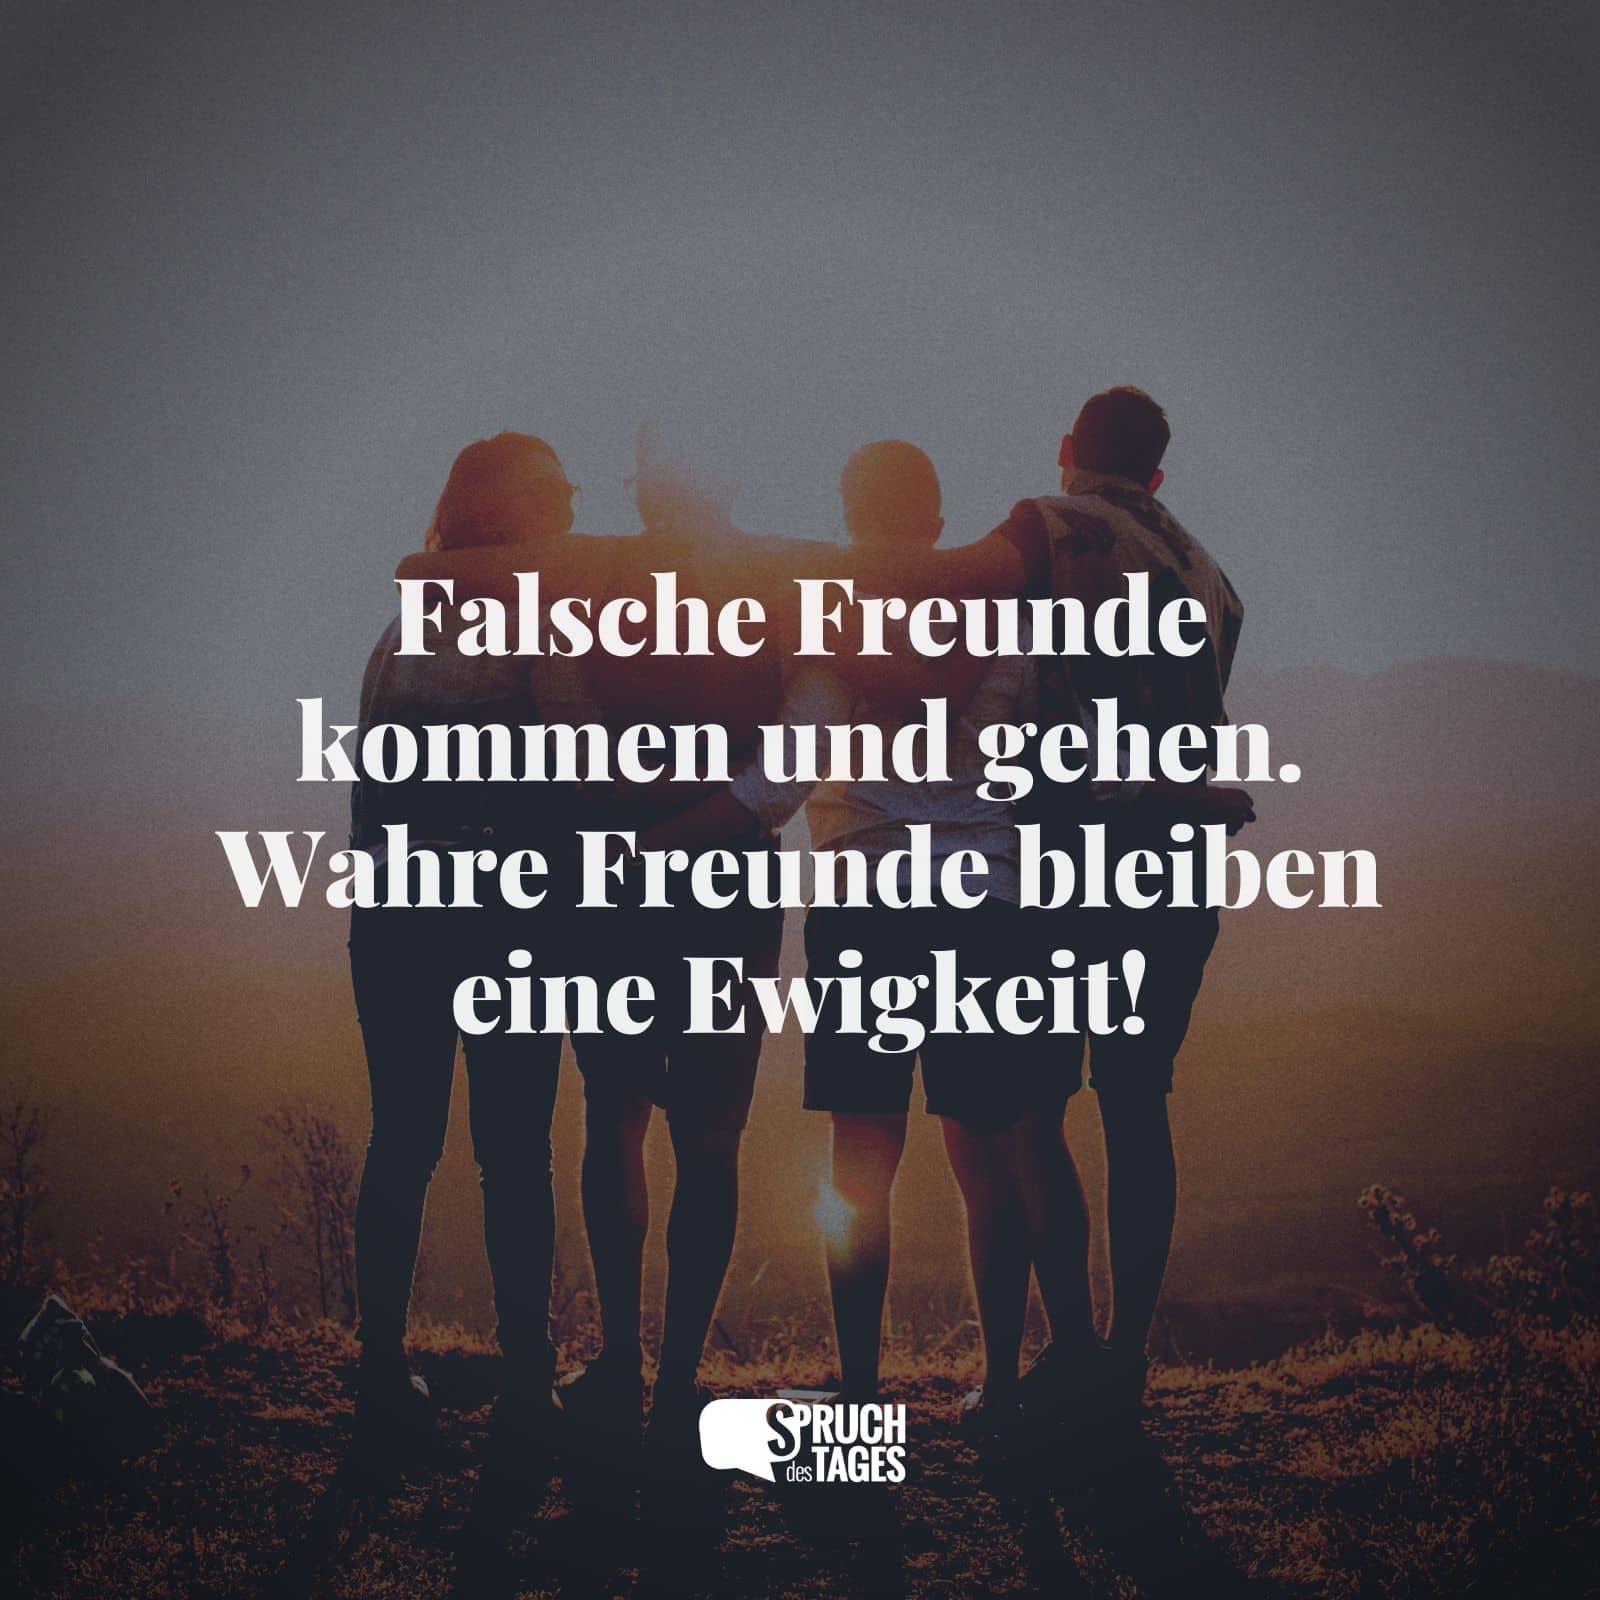 Falsche Freunde Sprüche Whatsapp Whatsapp Status Sprüche